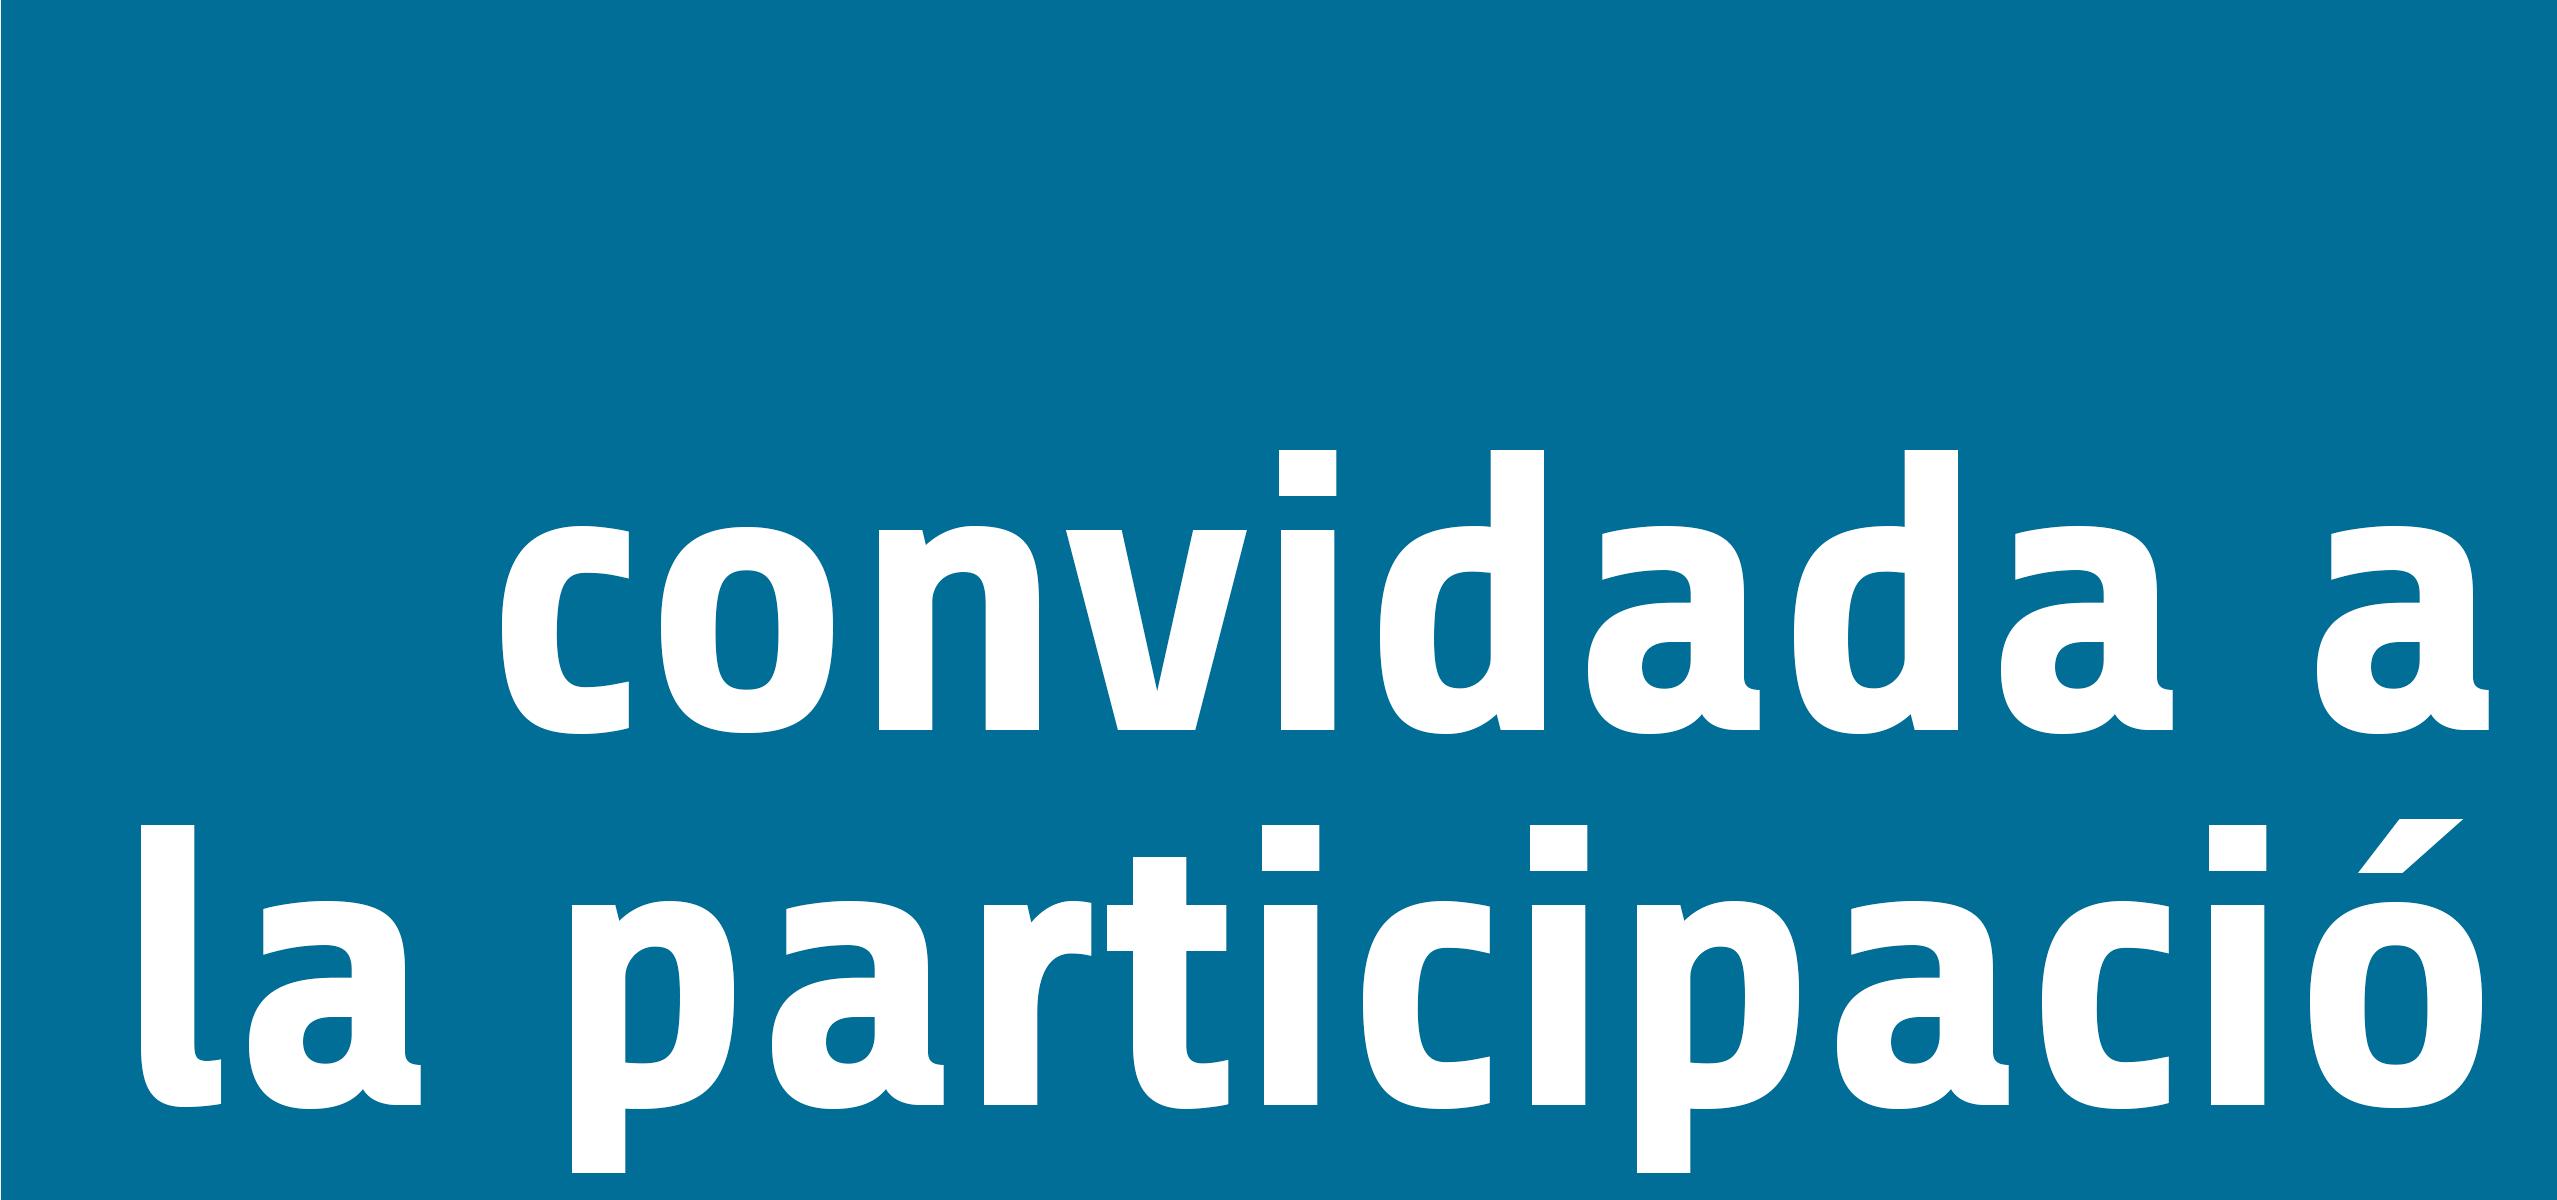 convidada-participacio